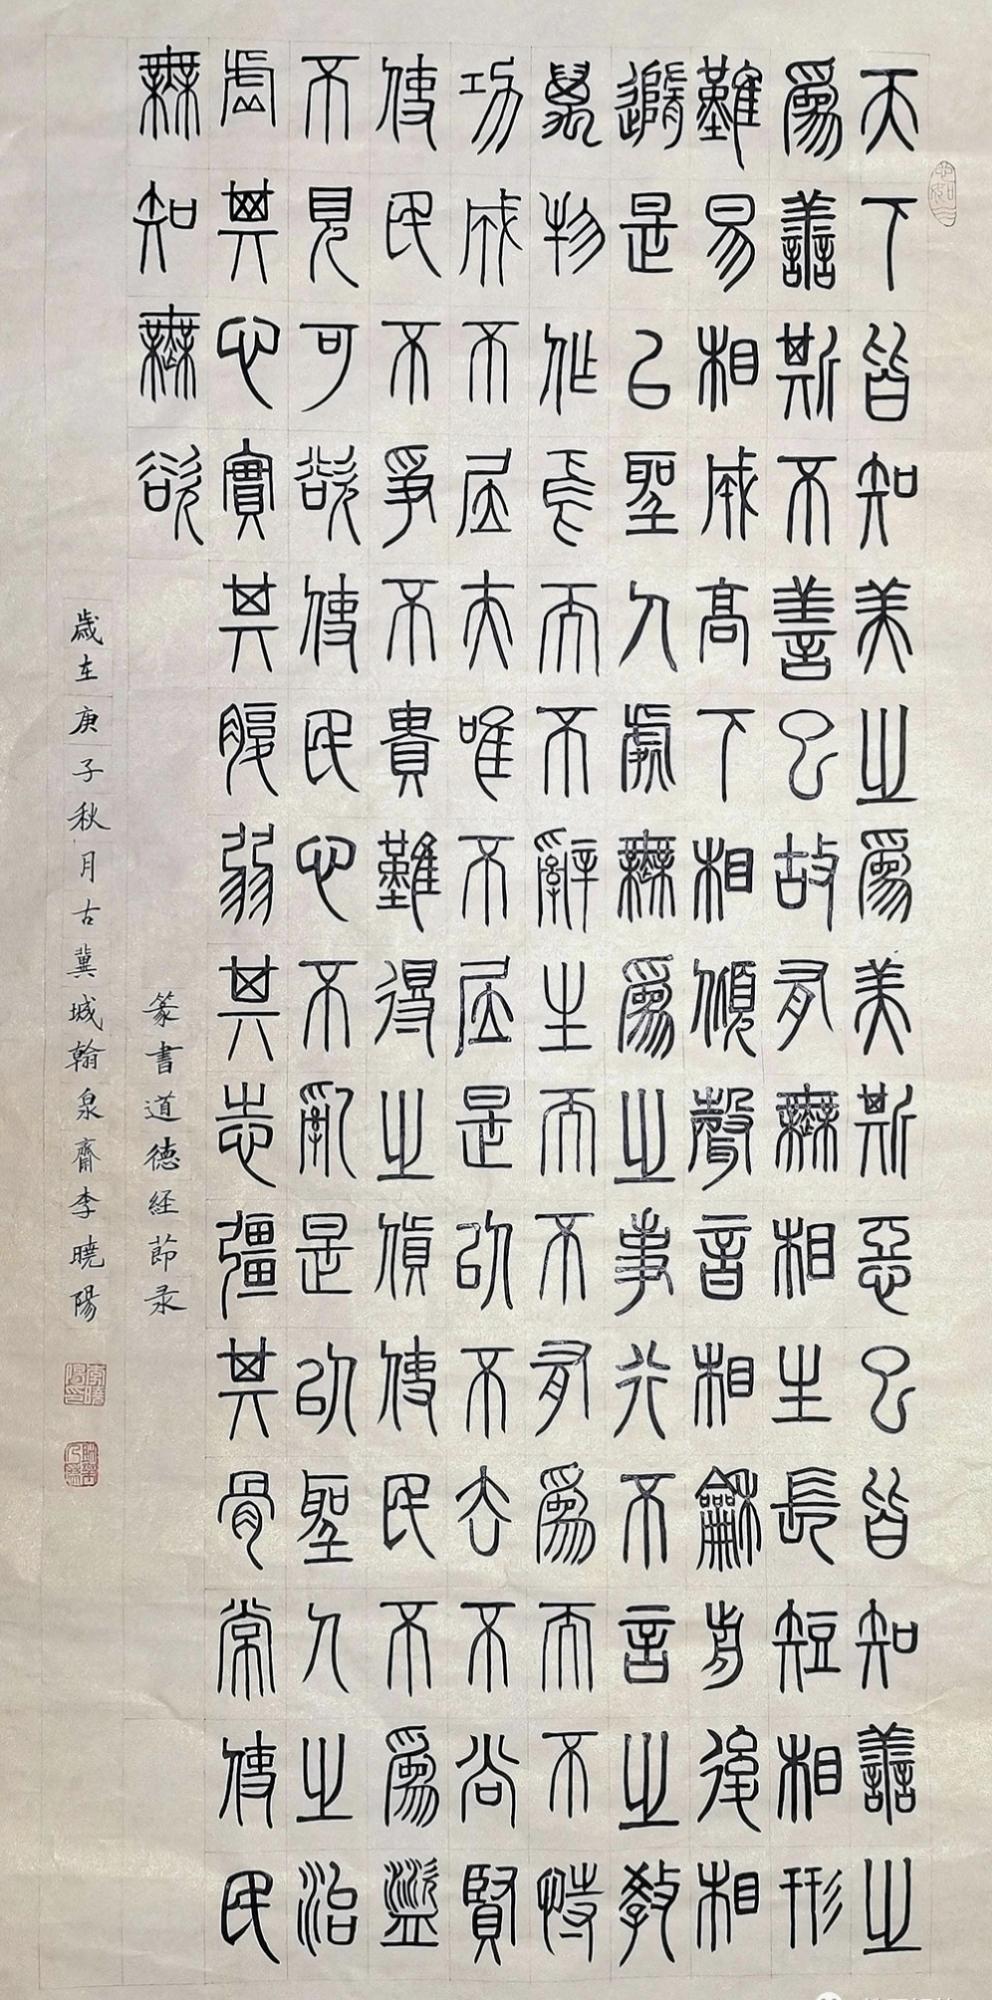 不忘初心向建党百年华诞献礼---李晓阳书法赏析